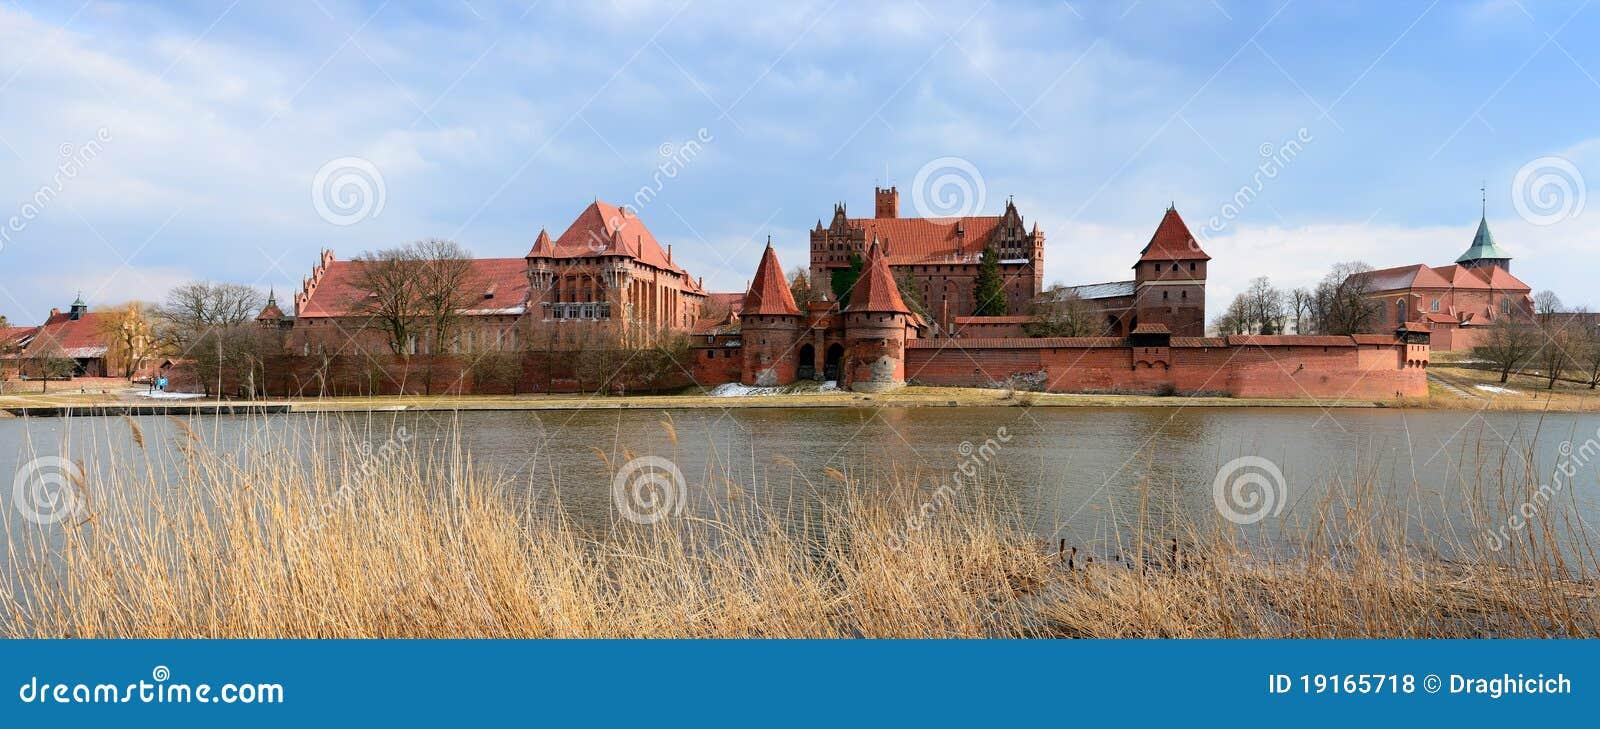 De kaste van Malbork in Polen